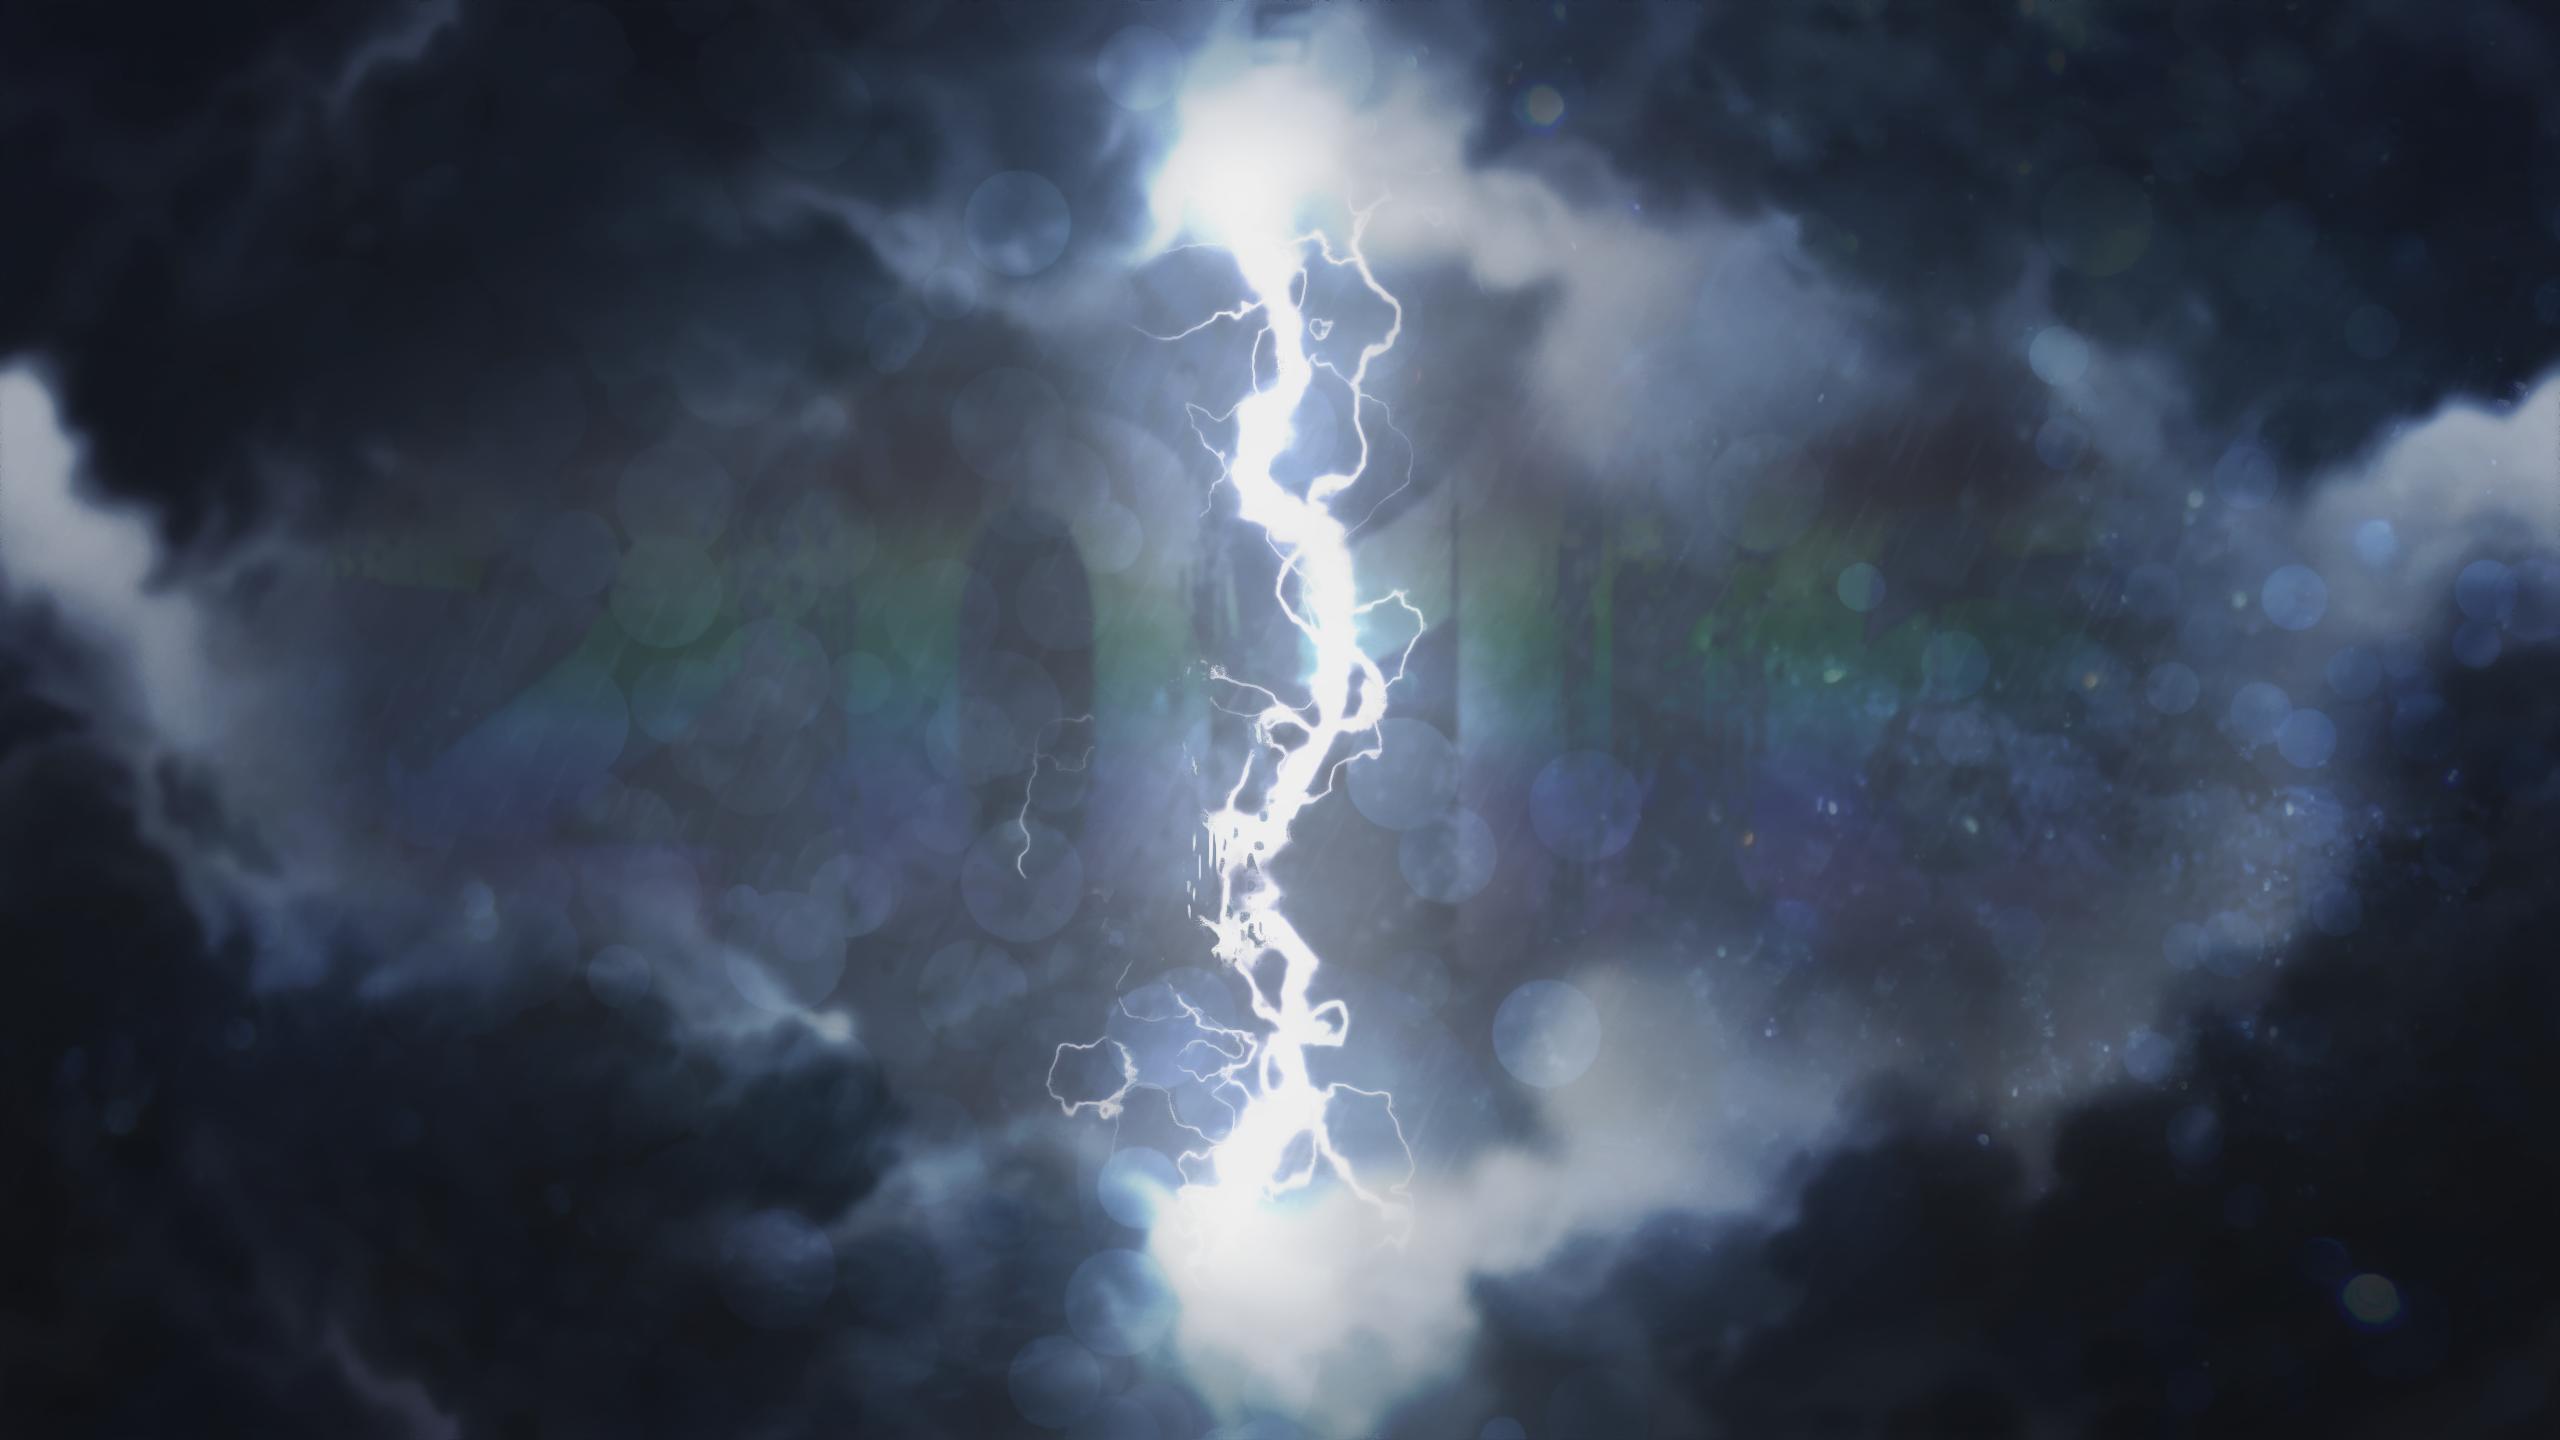 General 2560x1440 storm sky digital art